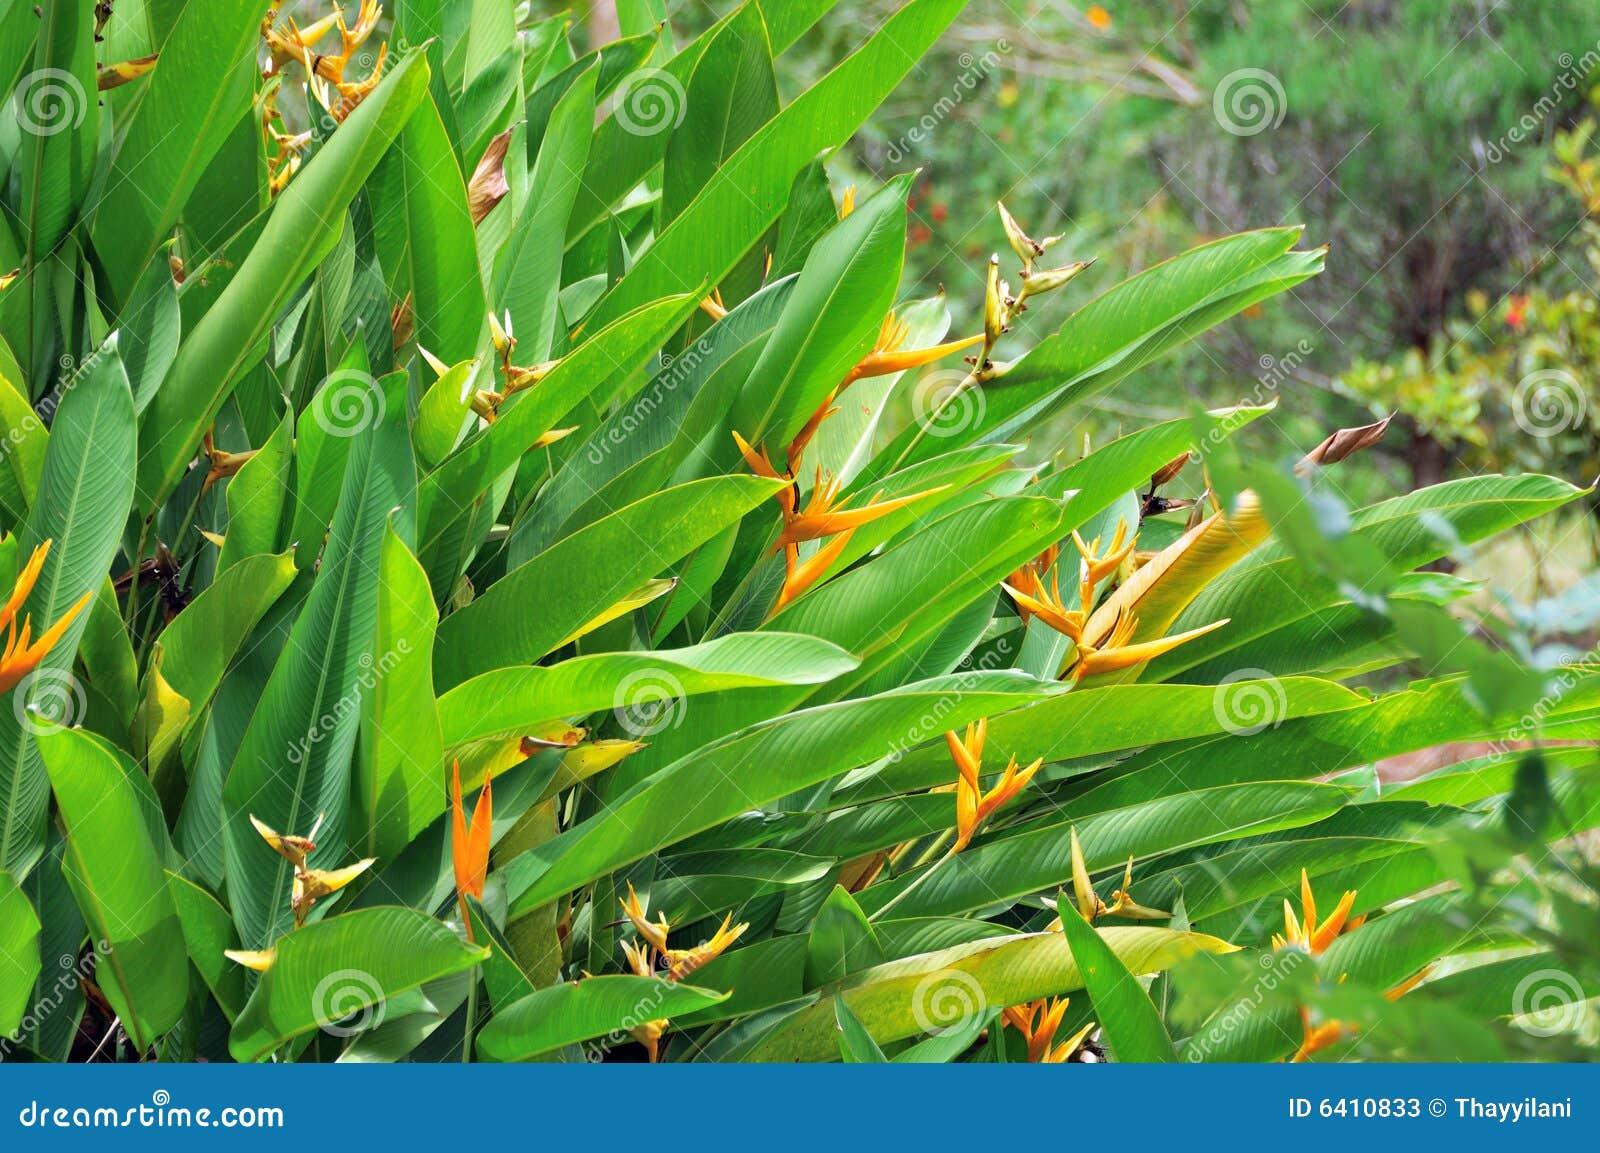 plantas jardim tropical:Exotic Tropical Plants